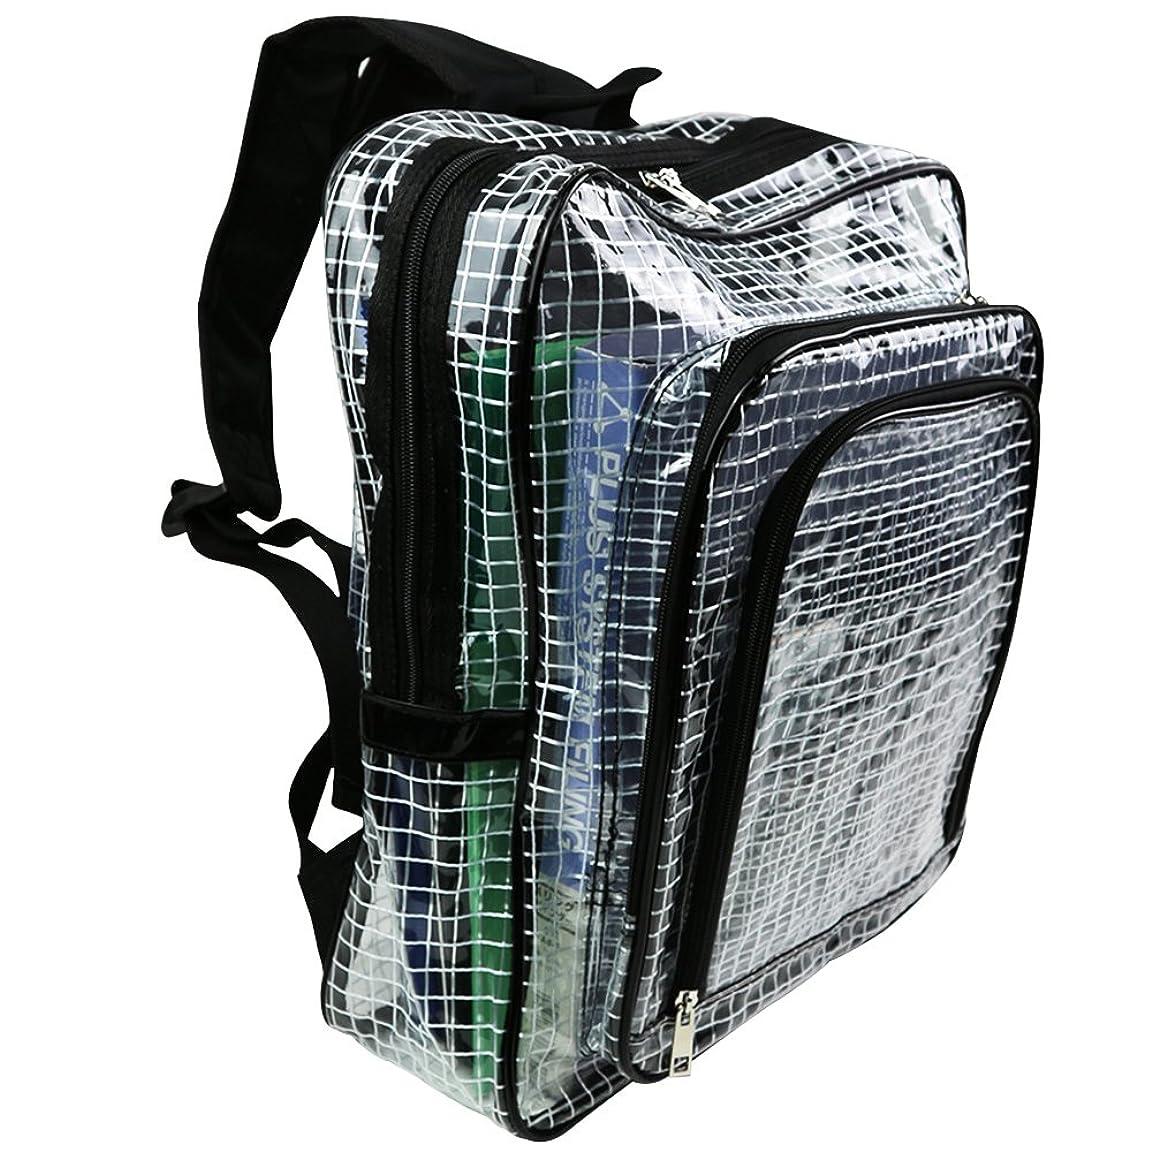 フェードアウト選ぶ容疑者SIEG エンジニアバッグ クリーンバッグ クリーンルーム用透明バック リュックタイプ